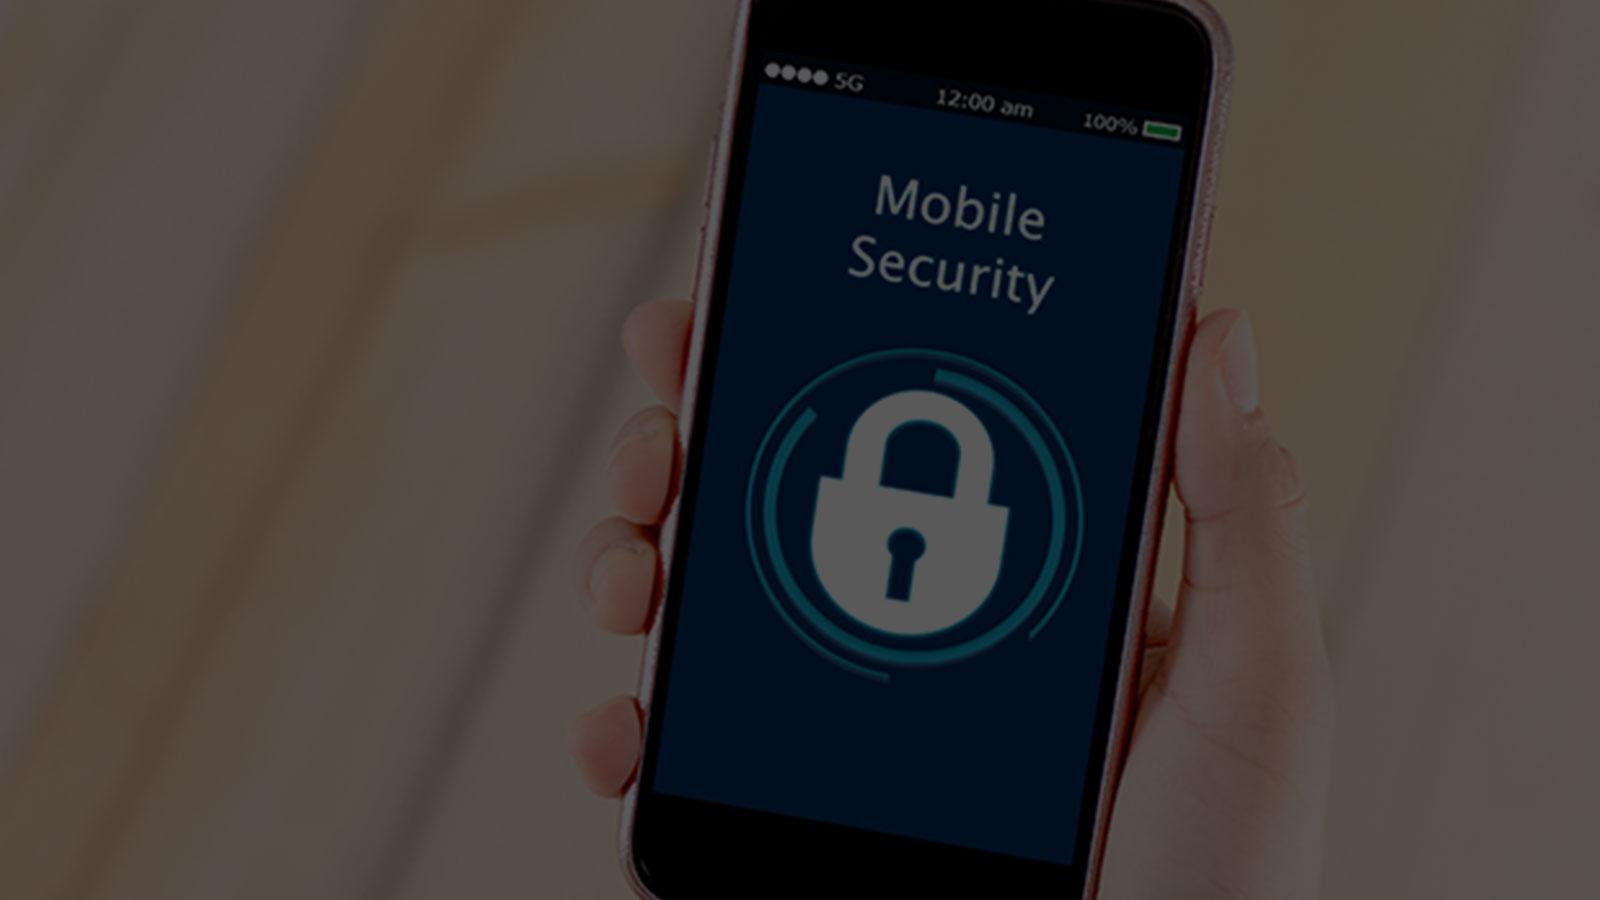 segurança móvel robusta e simplificada